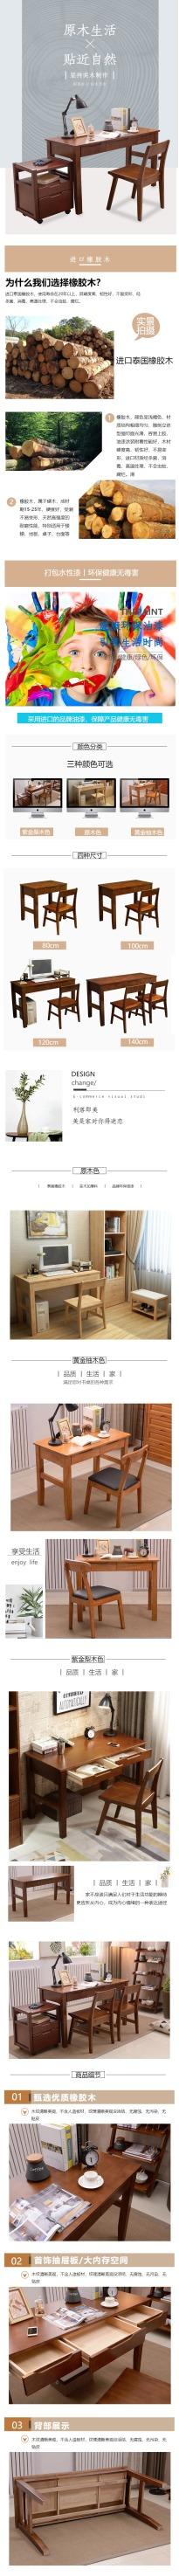 简约大气百货零售家居生活家具书桌促销电商详情页